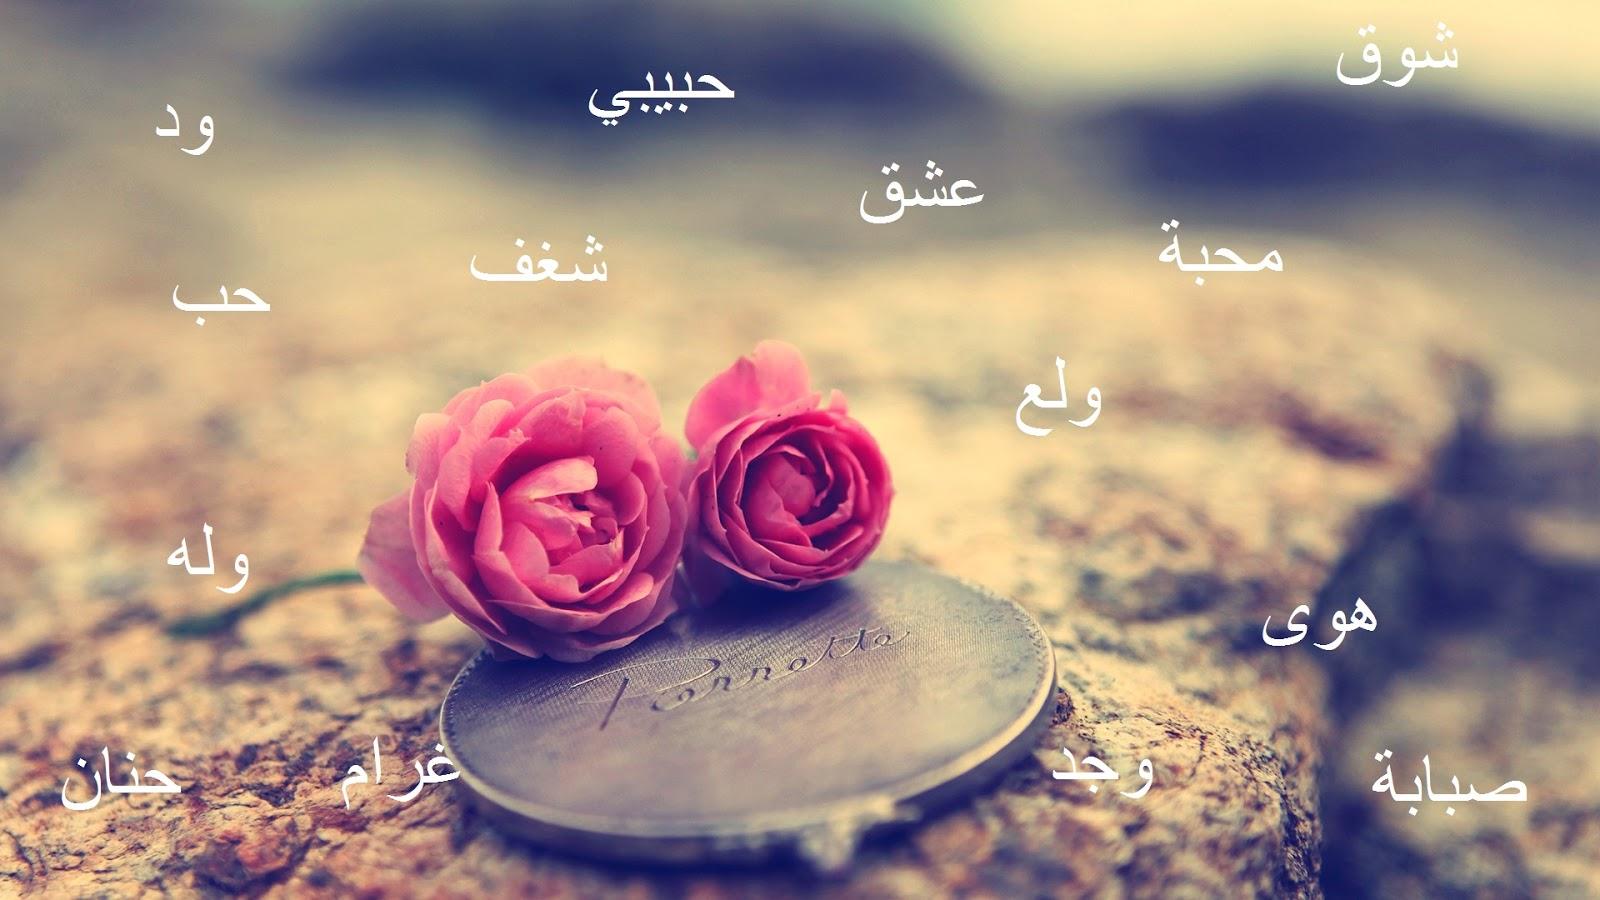 Estudos Da Língua E Cultura árabe Amor Em árabe As Várias